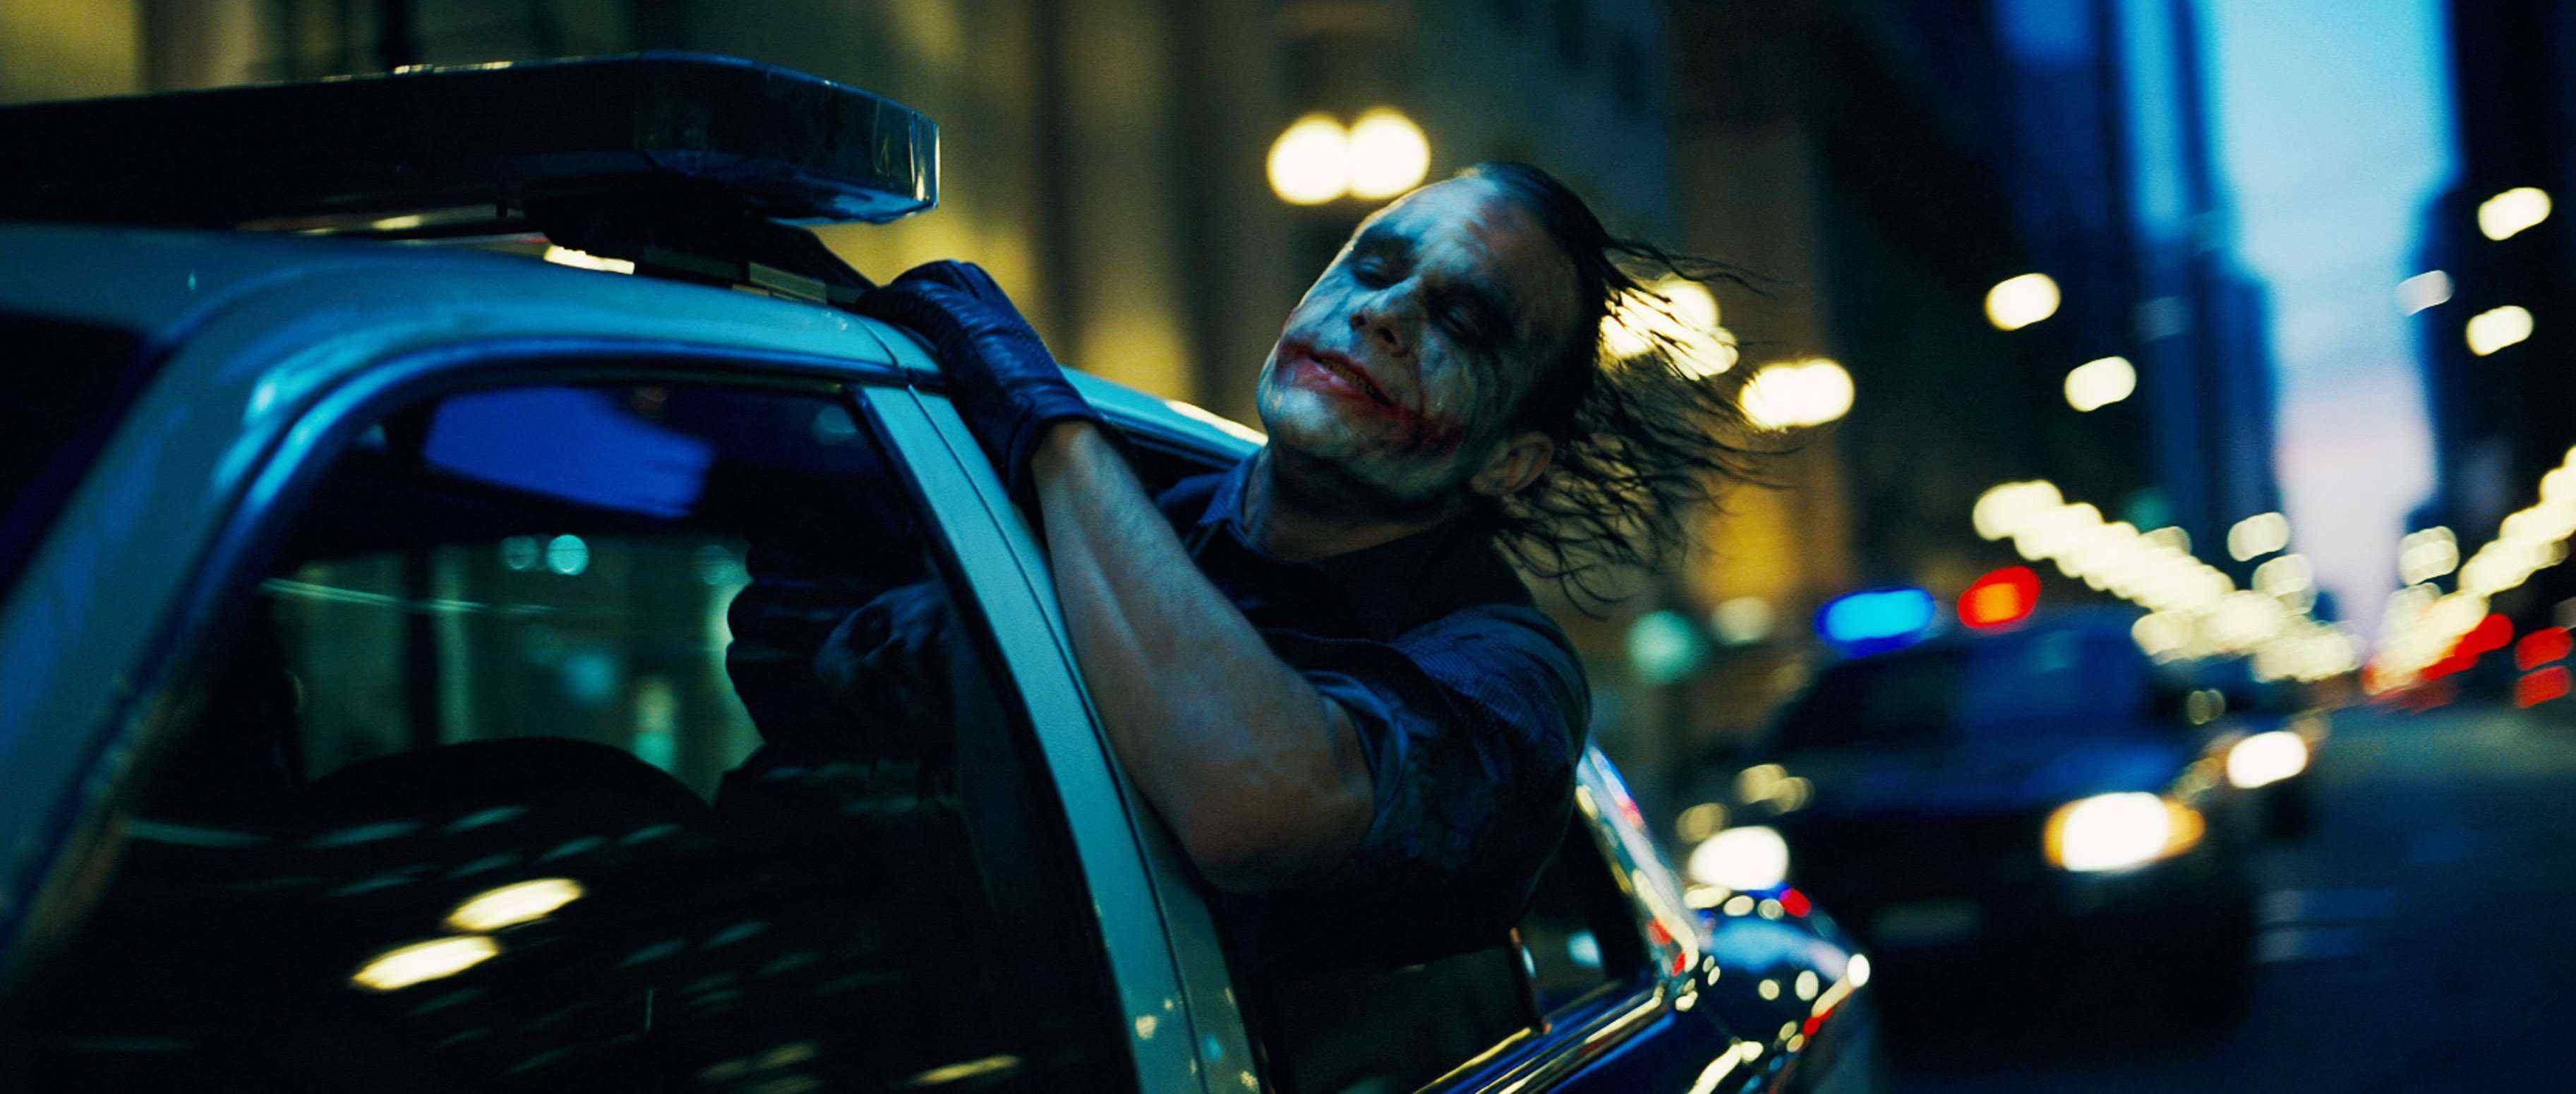 Image result for the dark knight joker police car scene